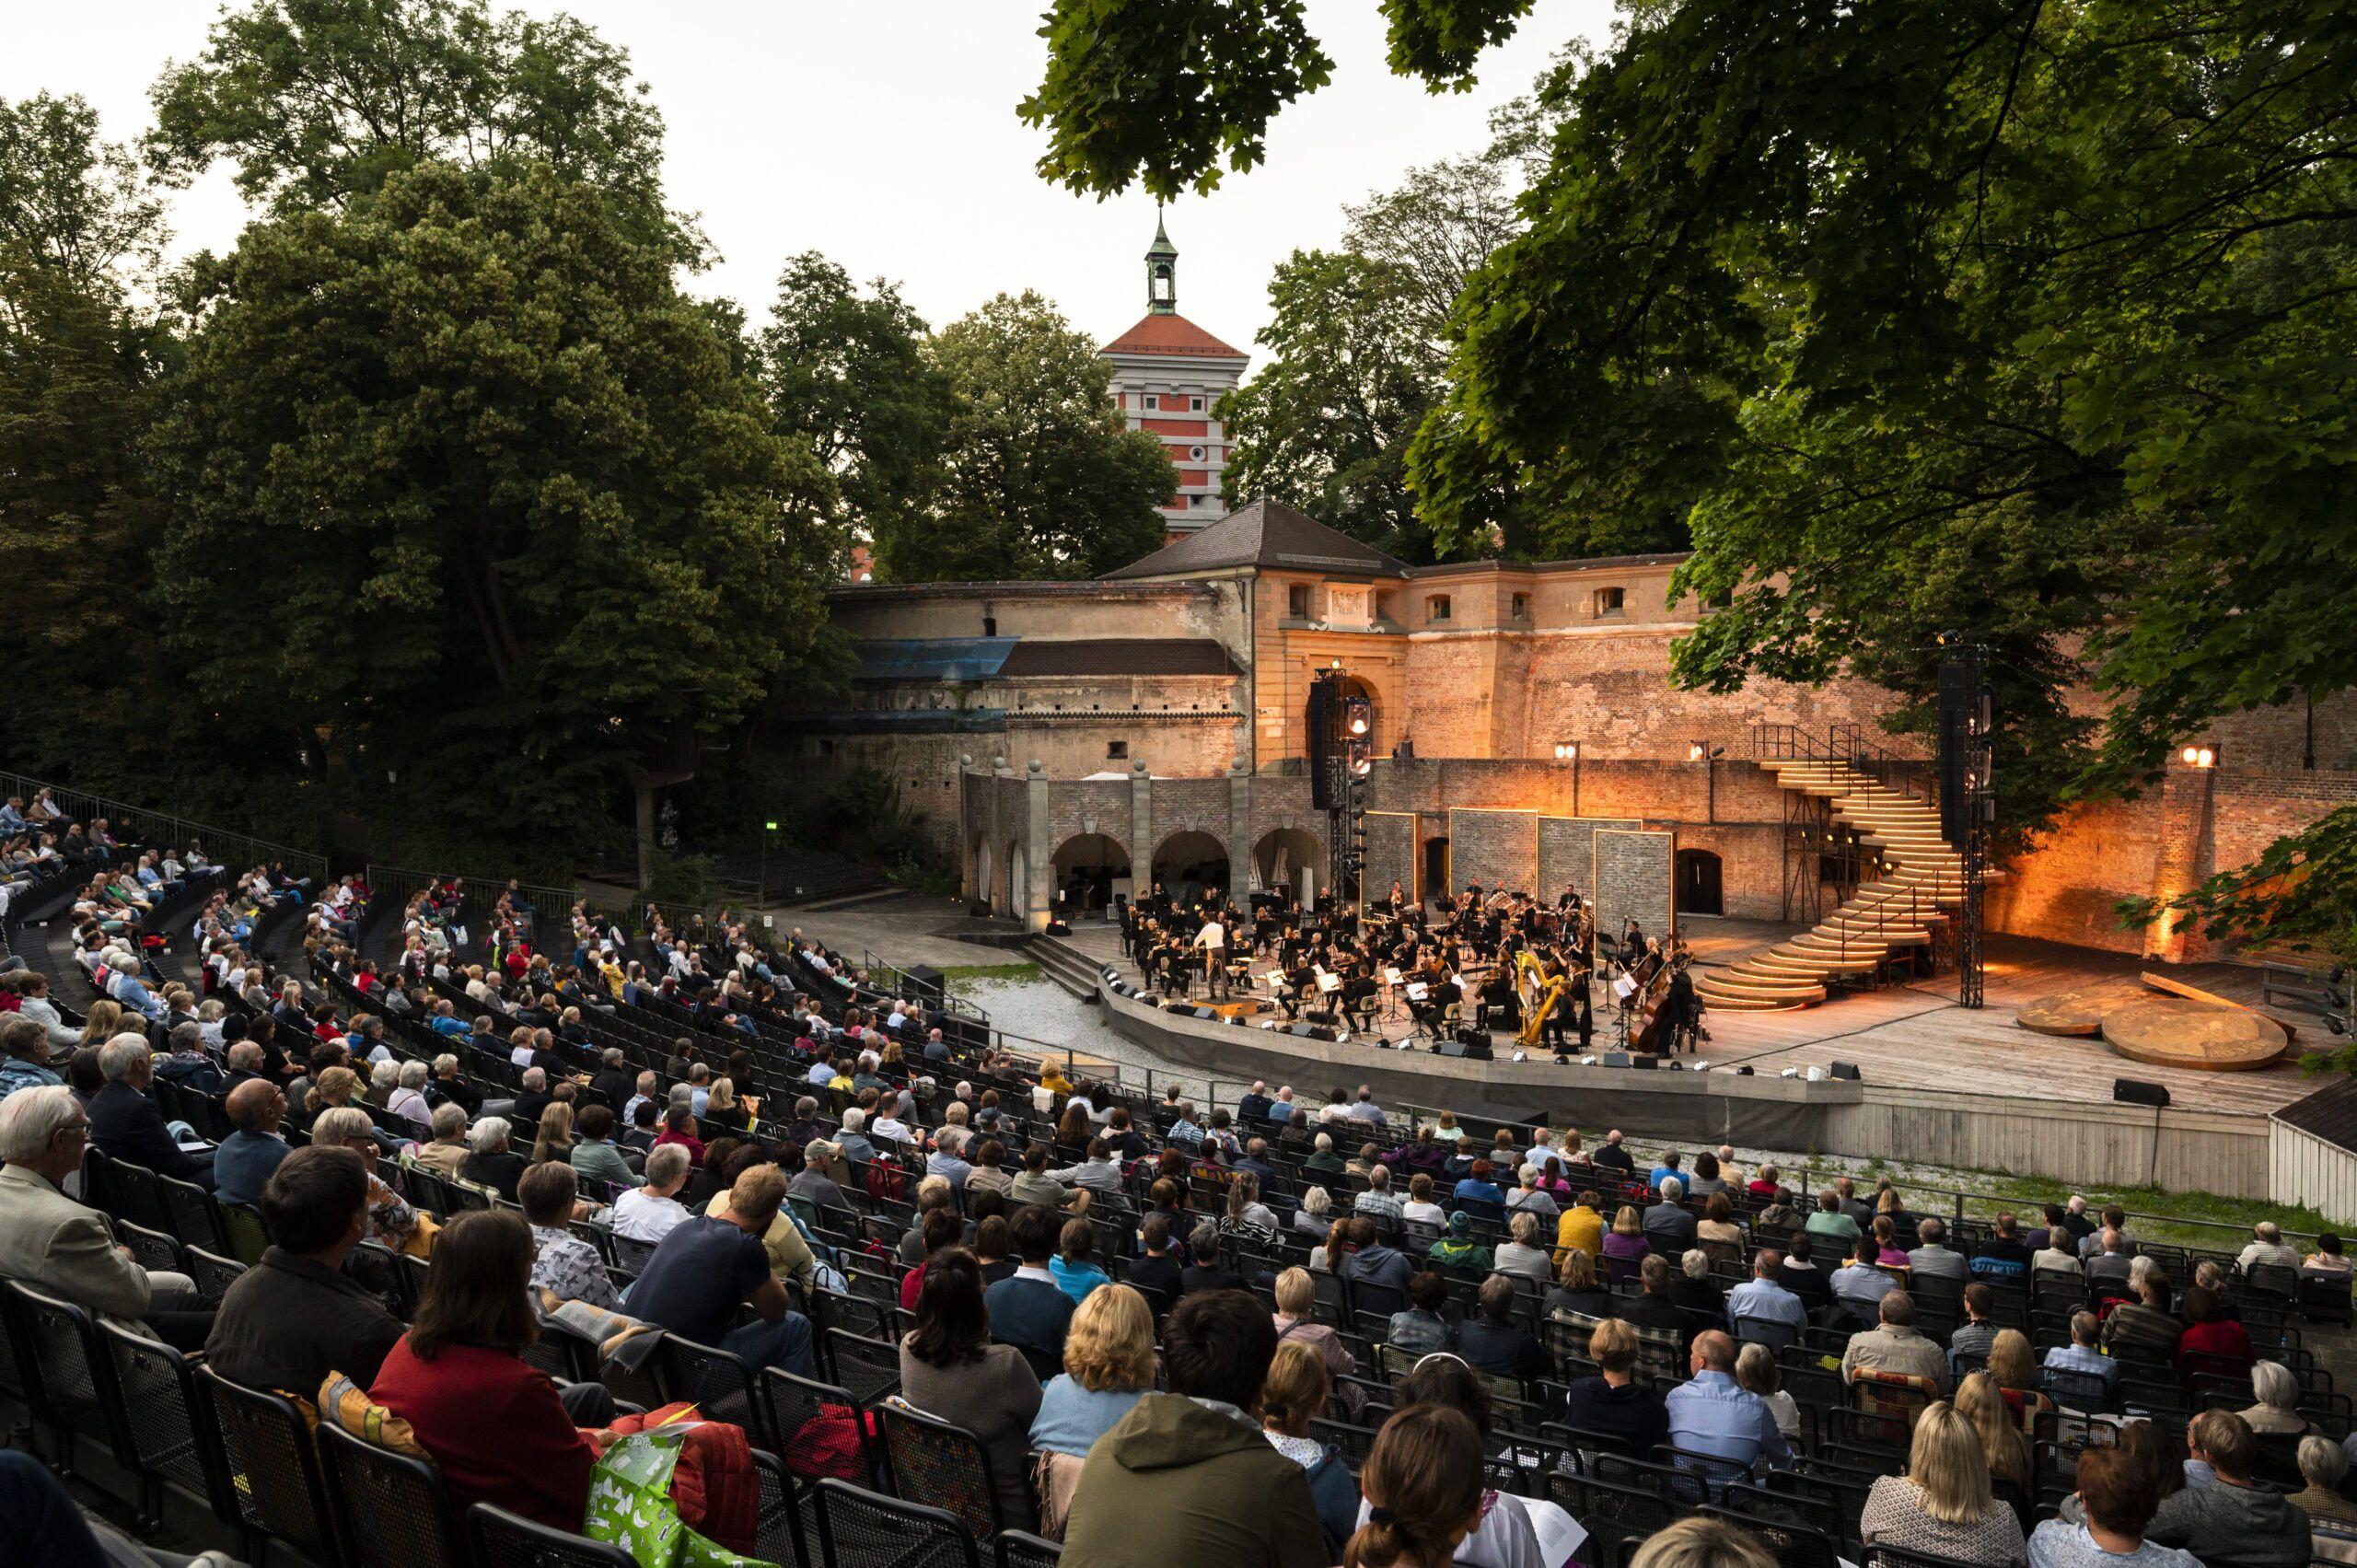 Sommerkonzert 20 Foto Jan Pieter Fuhr 2030 Scaled